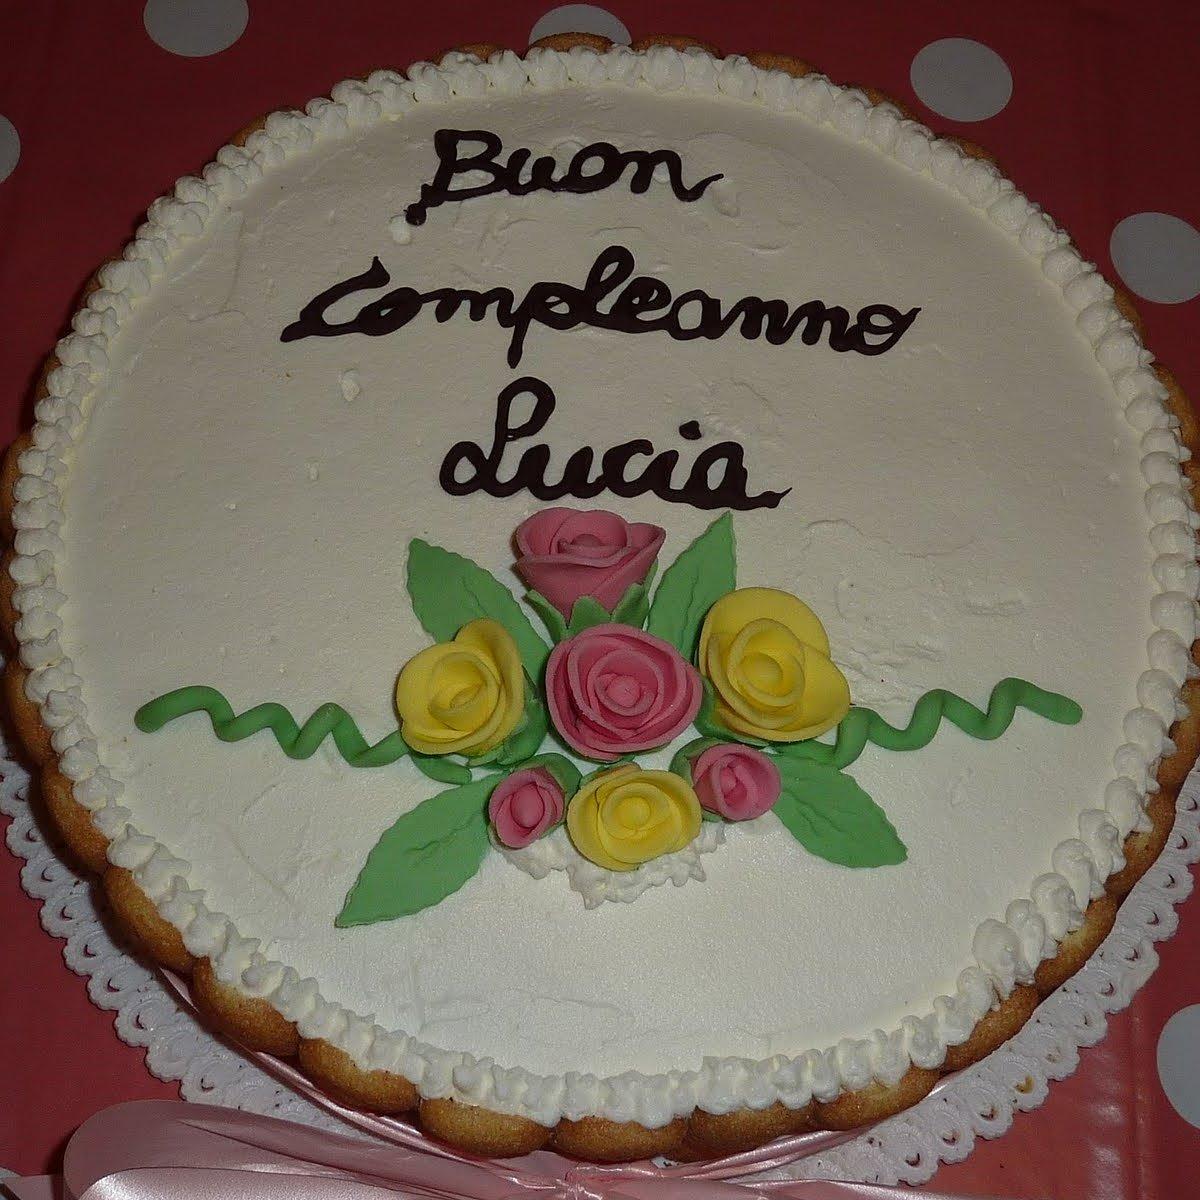 Toninoprimiceri On Twitter Tanti Auguri Di Buon Compleanno A Mia